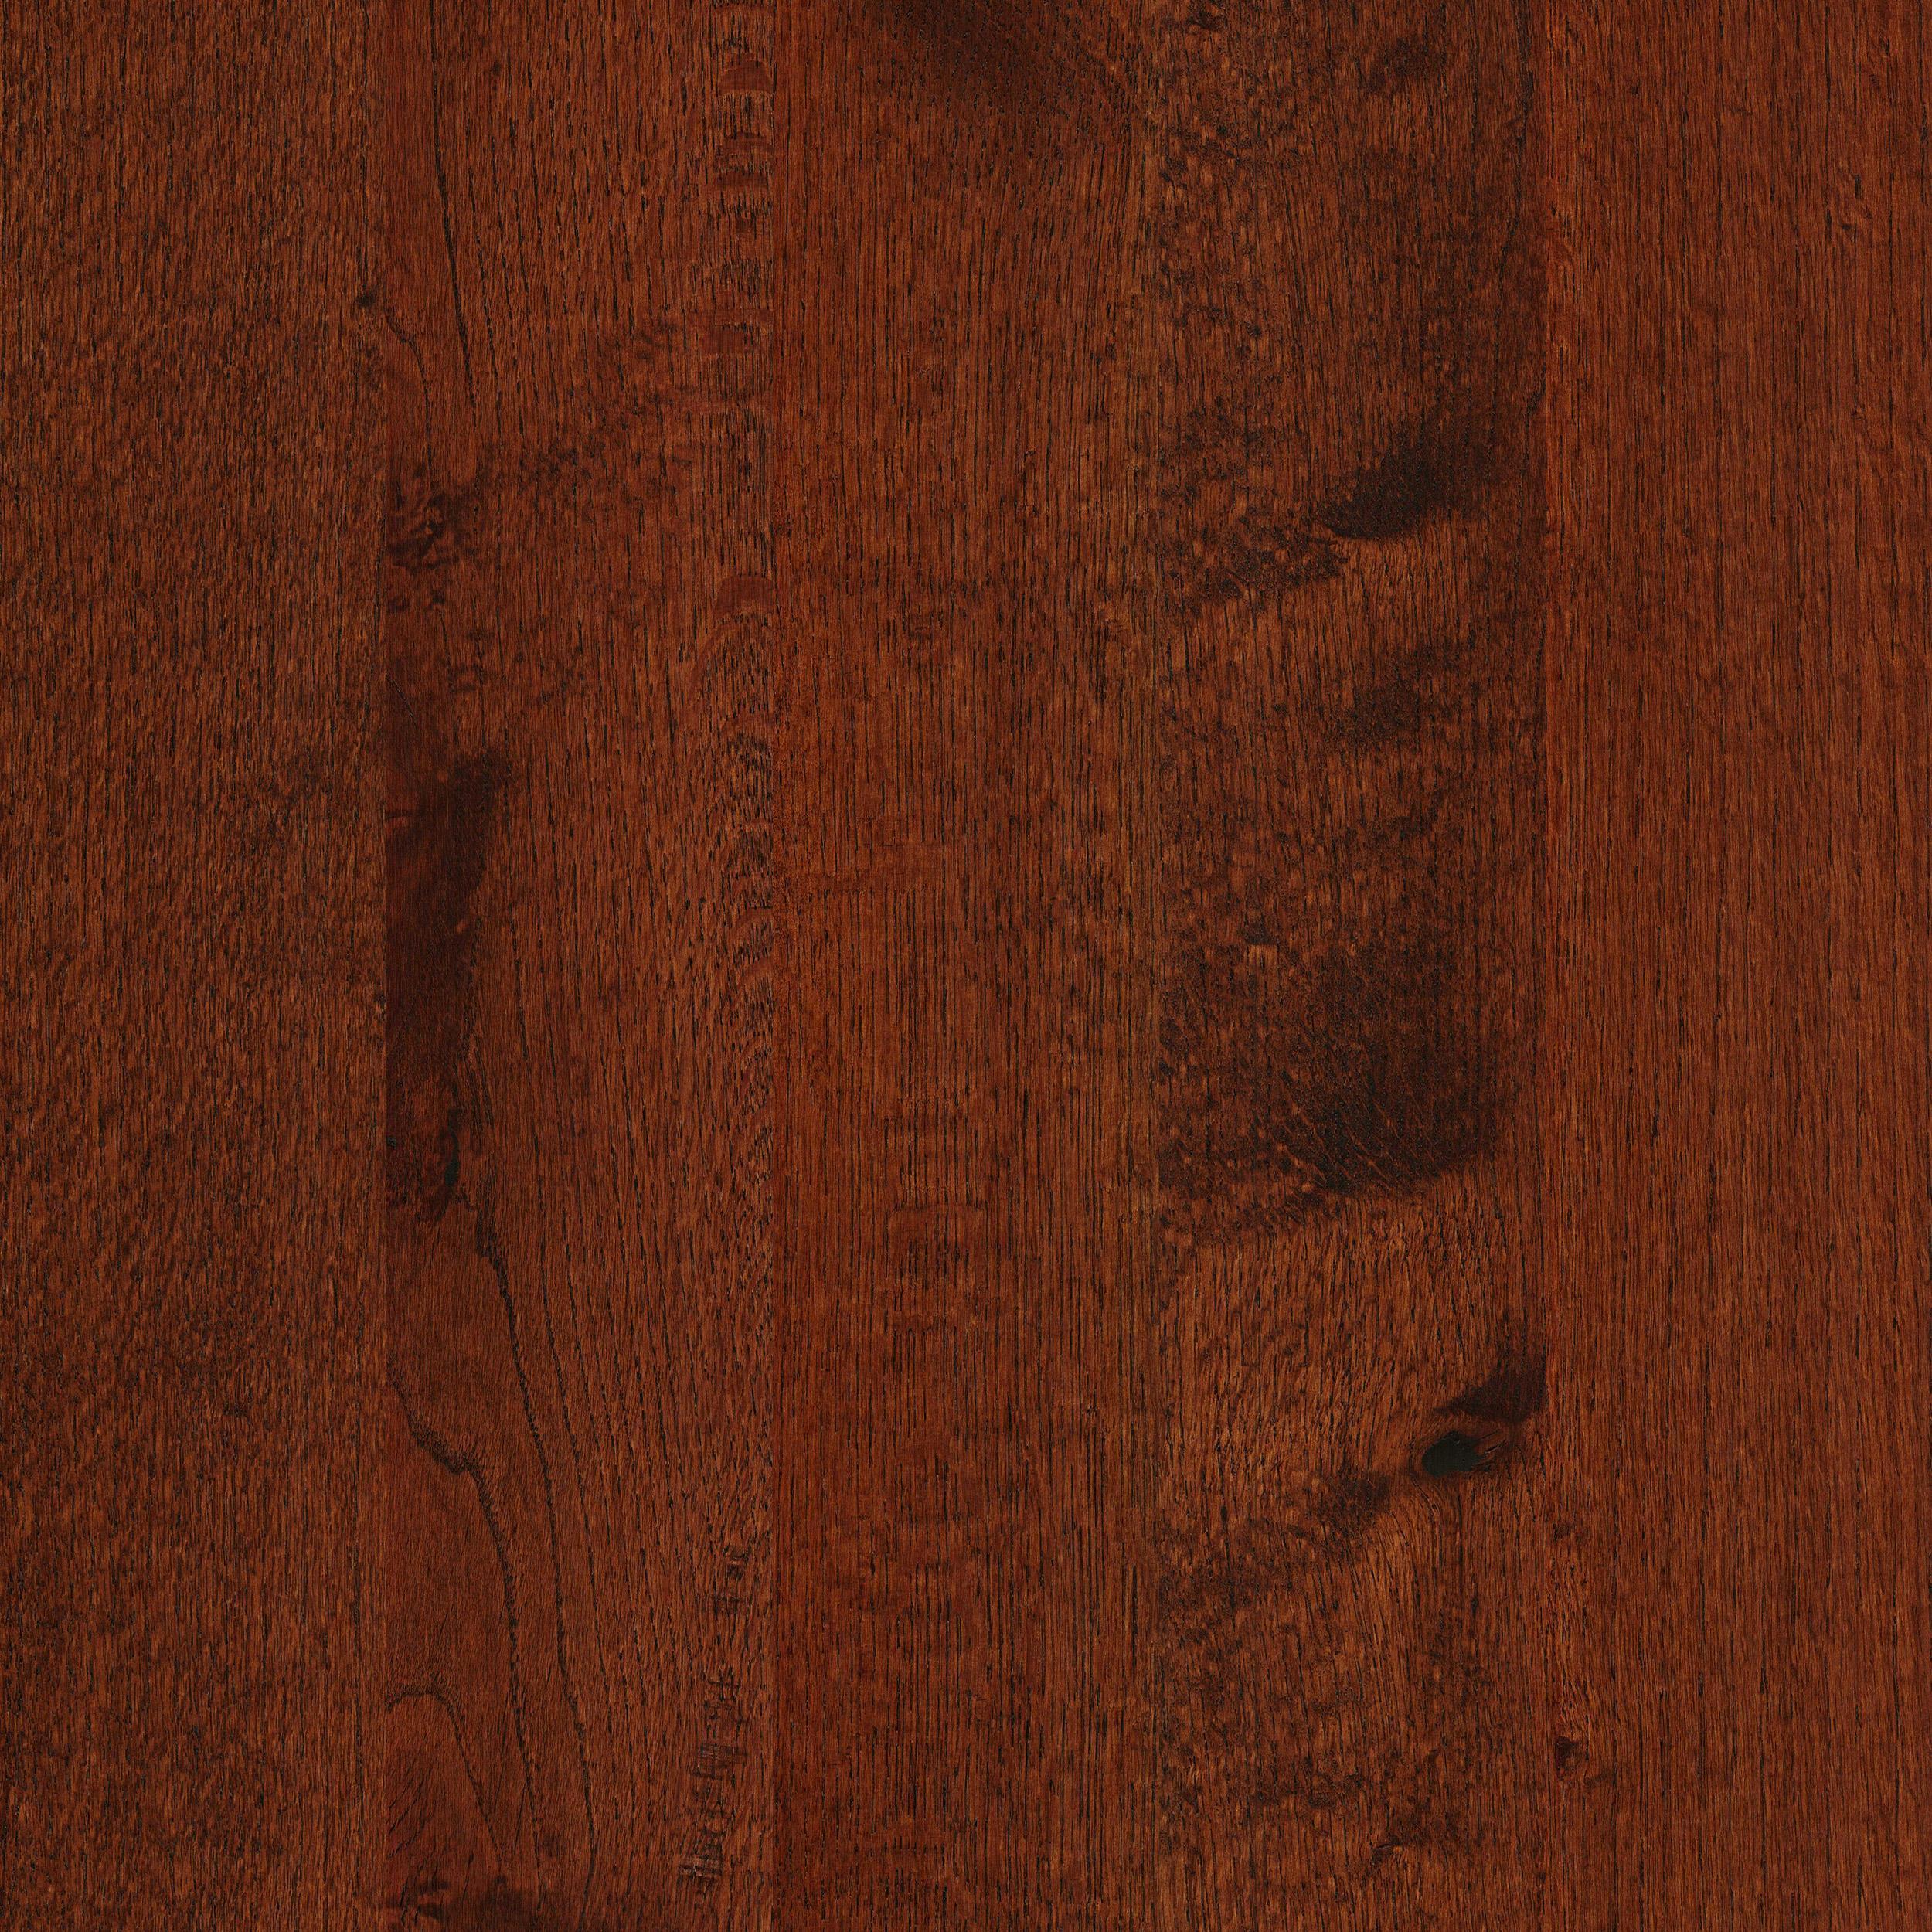 unfinished oak hardwood flooring cost of timber hardwood red oak sorrell 5 wide solid hardwood flooring pertaining to red oak sorrell timber solid approved bk